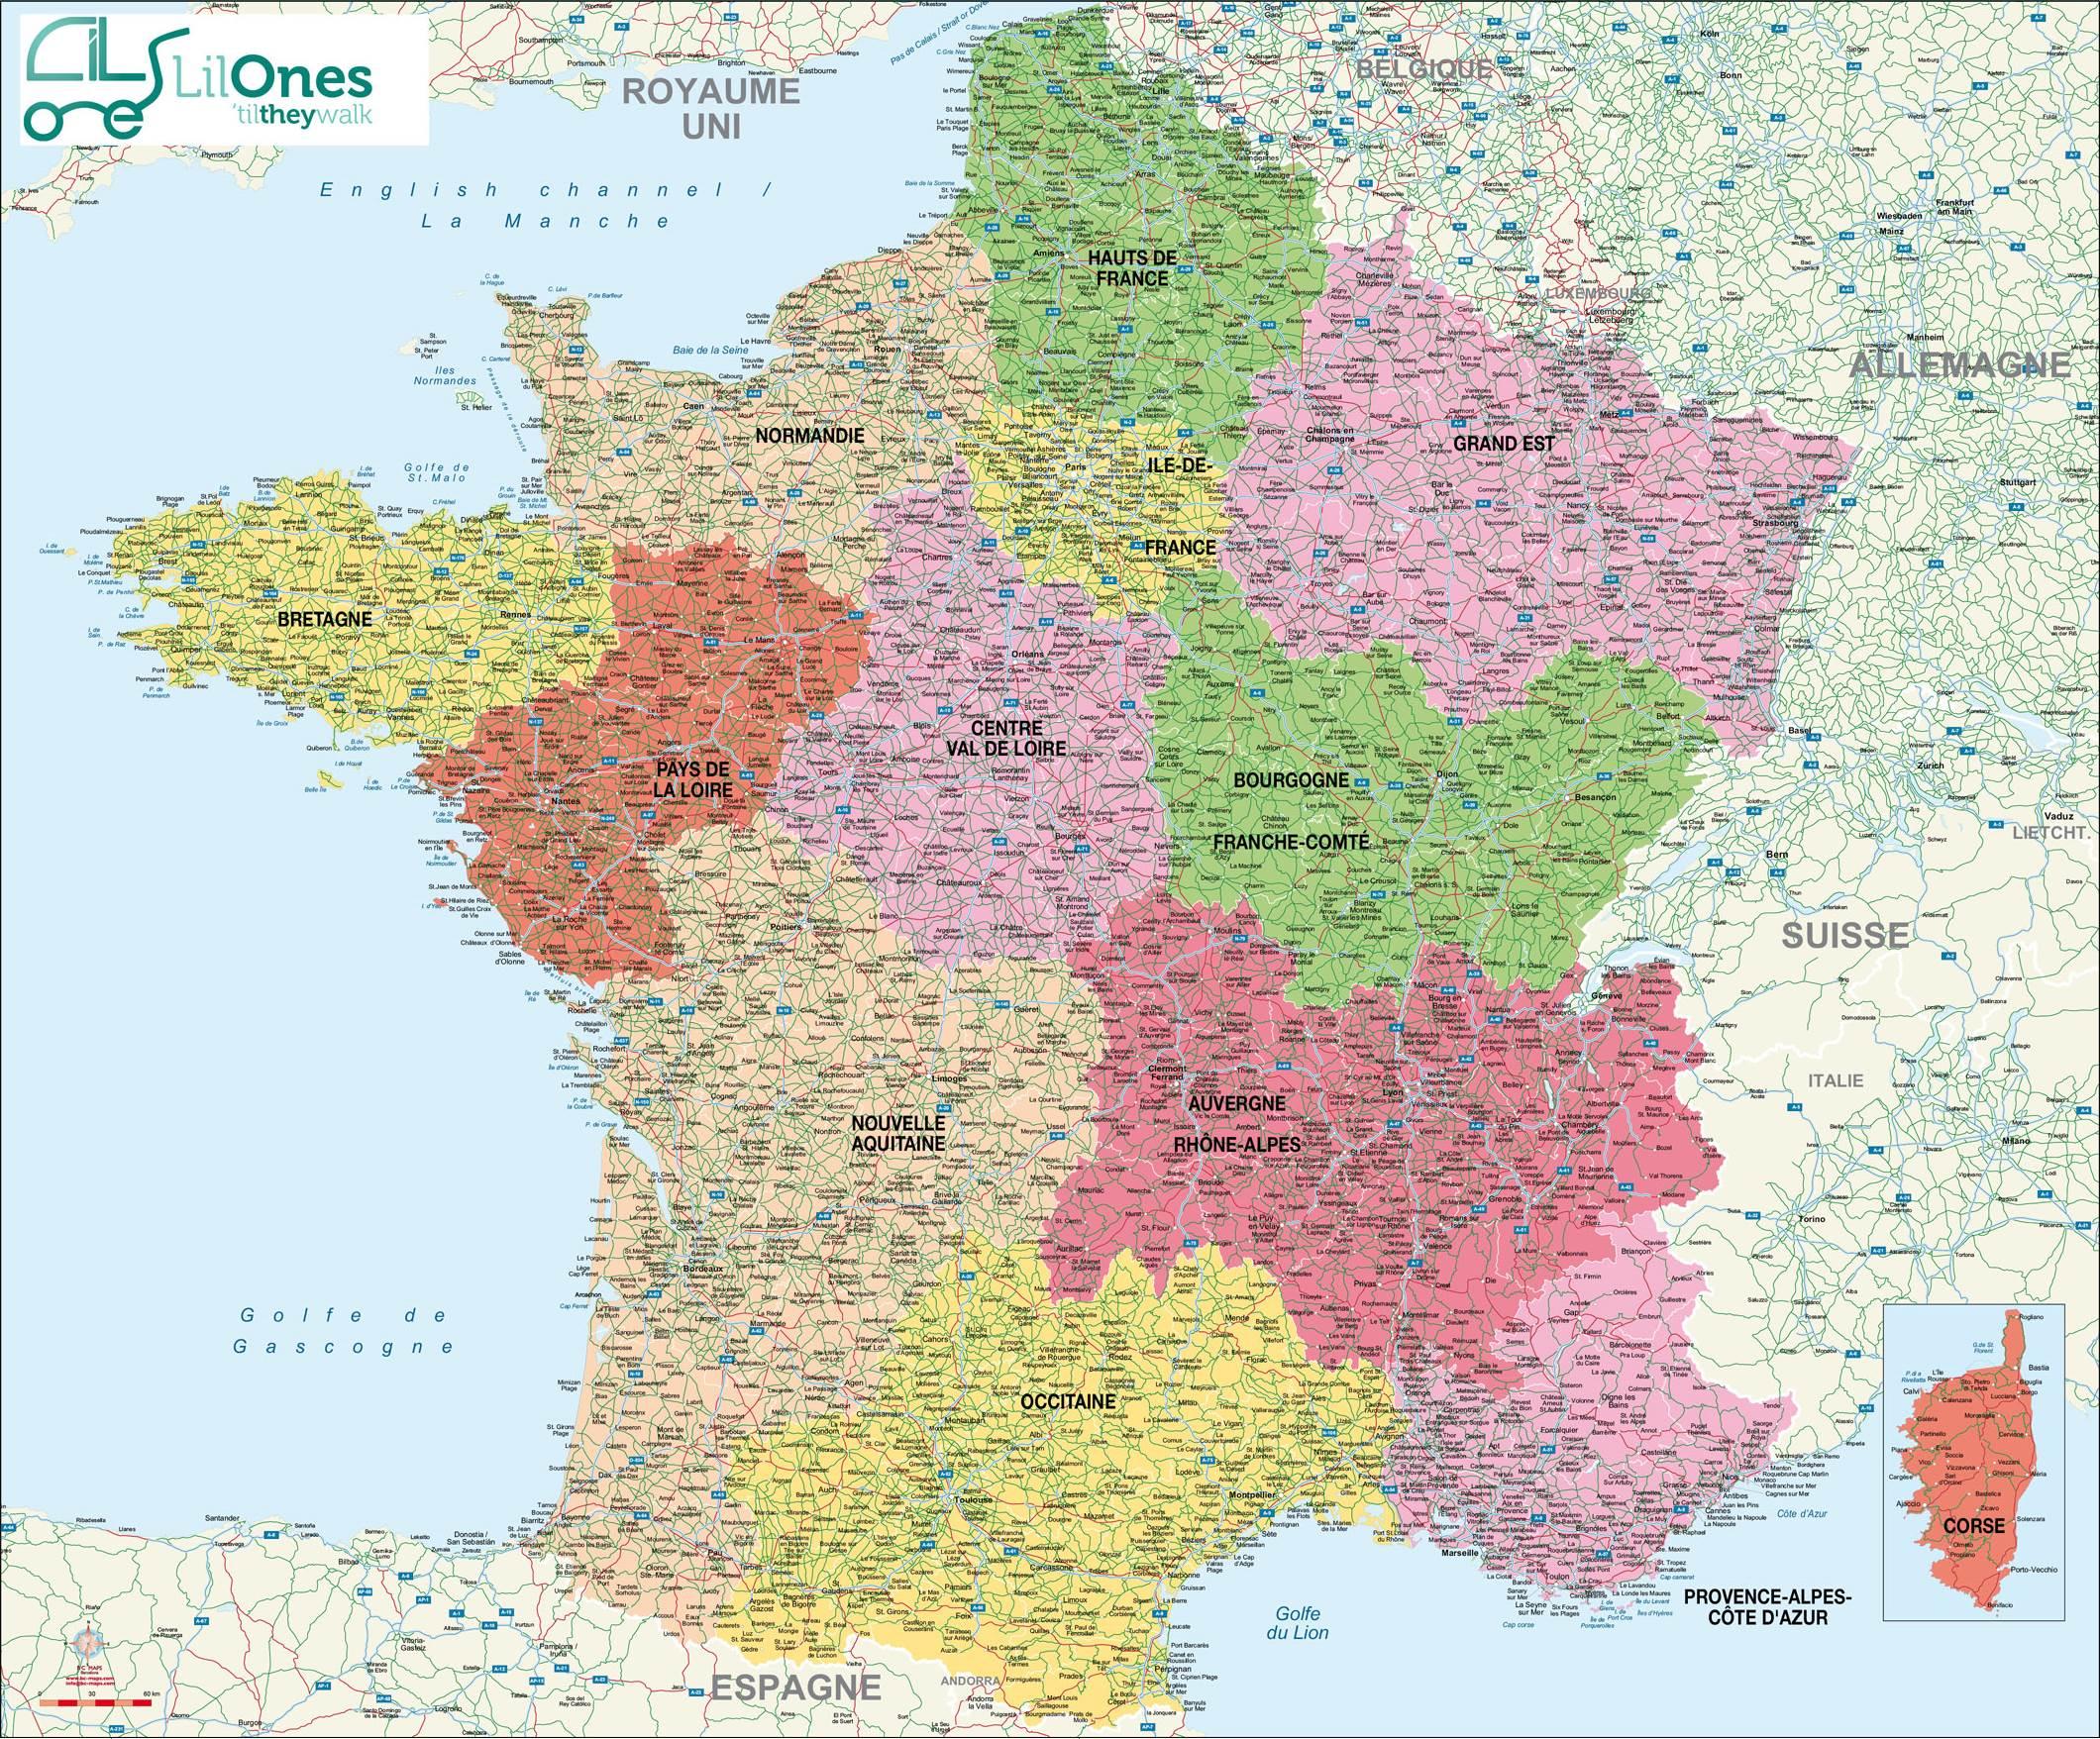 Carte France Villes : Carte Des Villes De France encequiconcerne Carte Du Sud De La France Détaillée